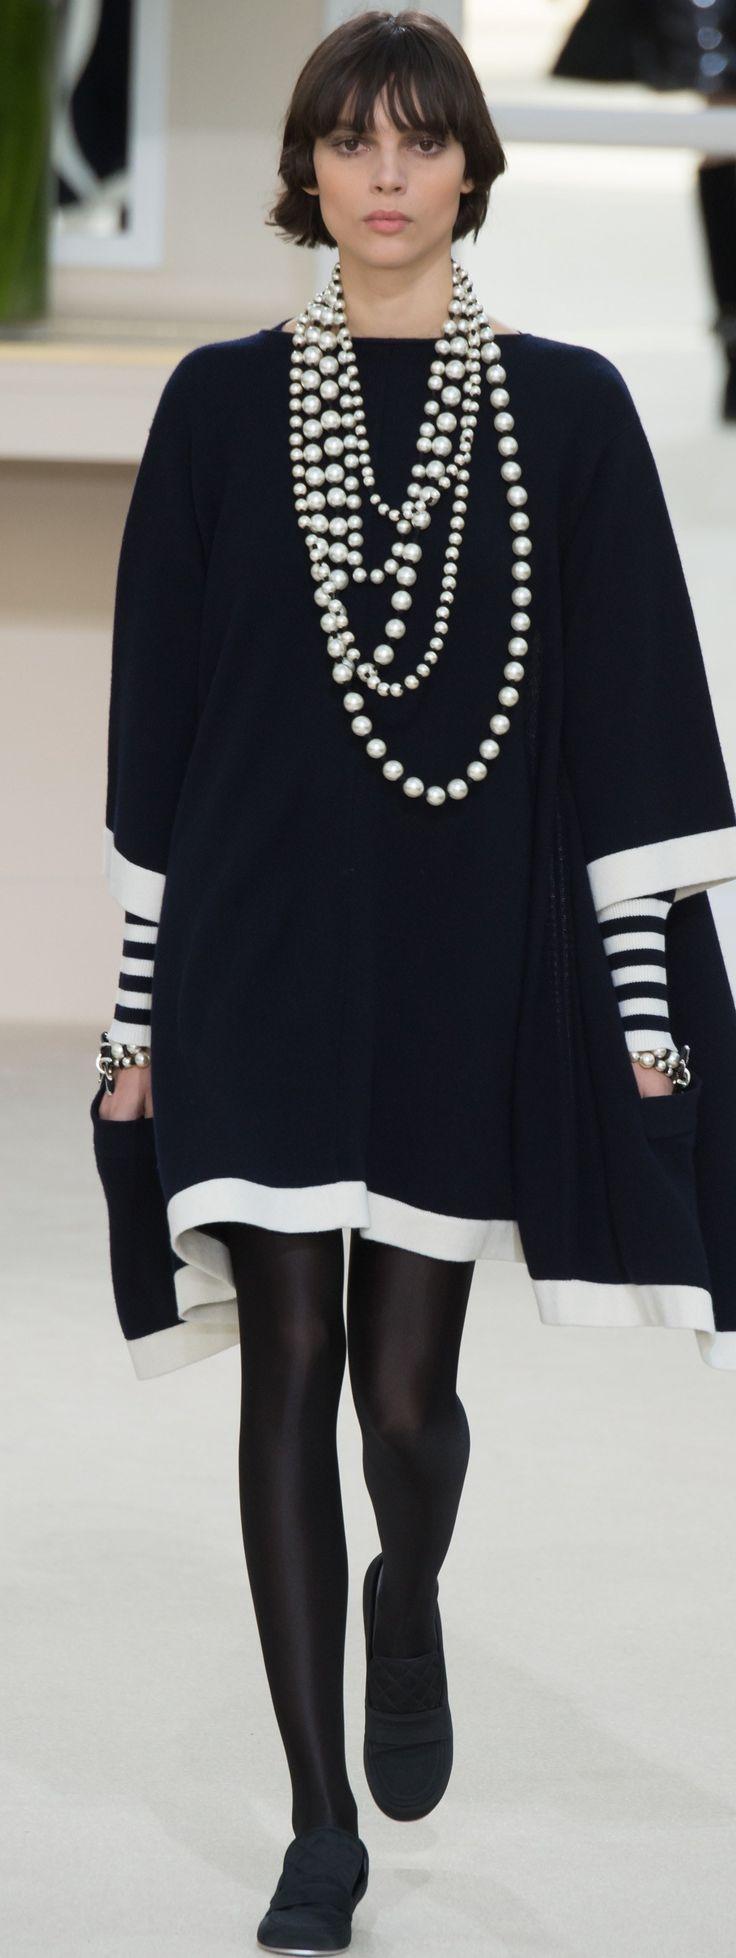 Chanel ~ Resort Black + White Dress 2016                                                                                                                                                      More